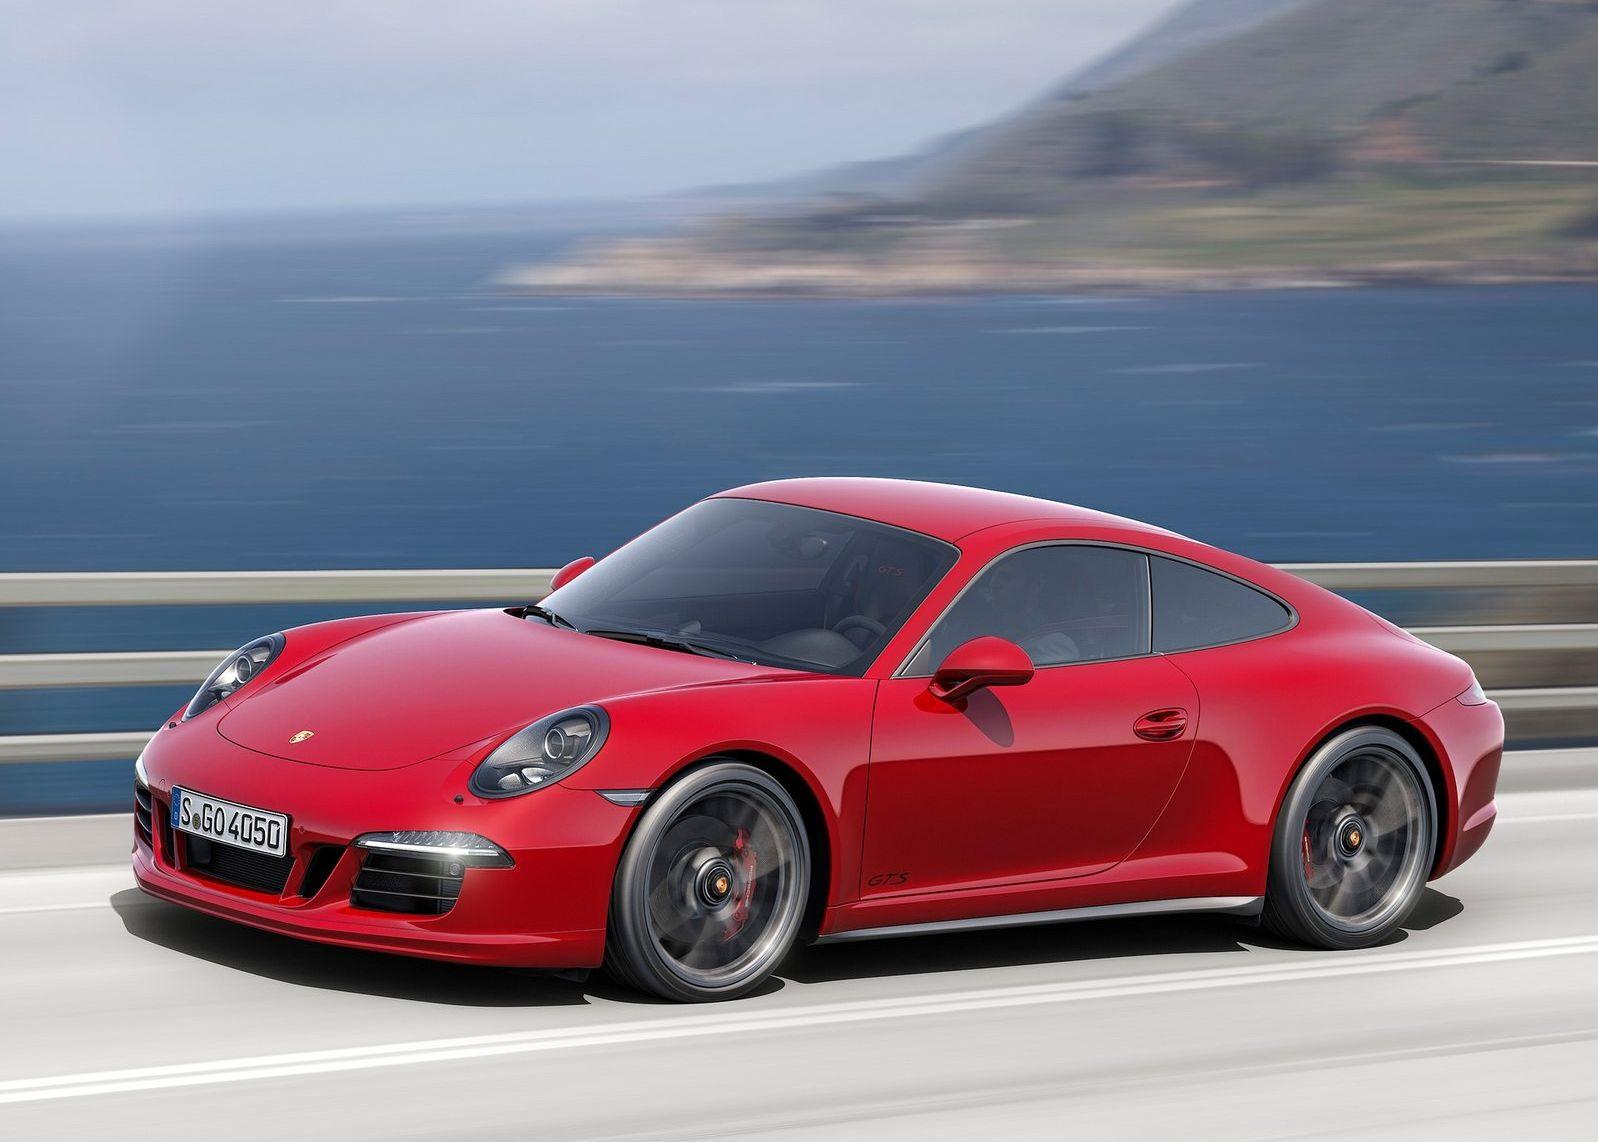 保时捷911 gts当选《花花公子》年度车型